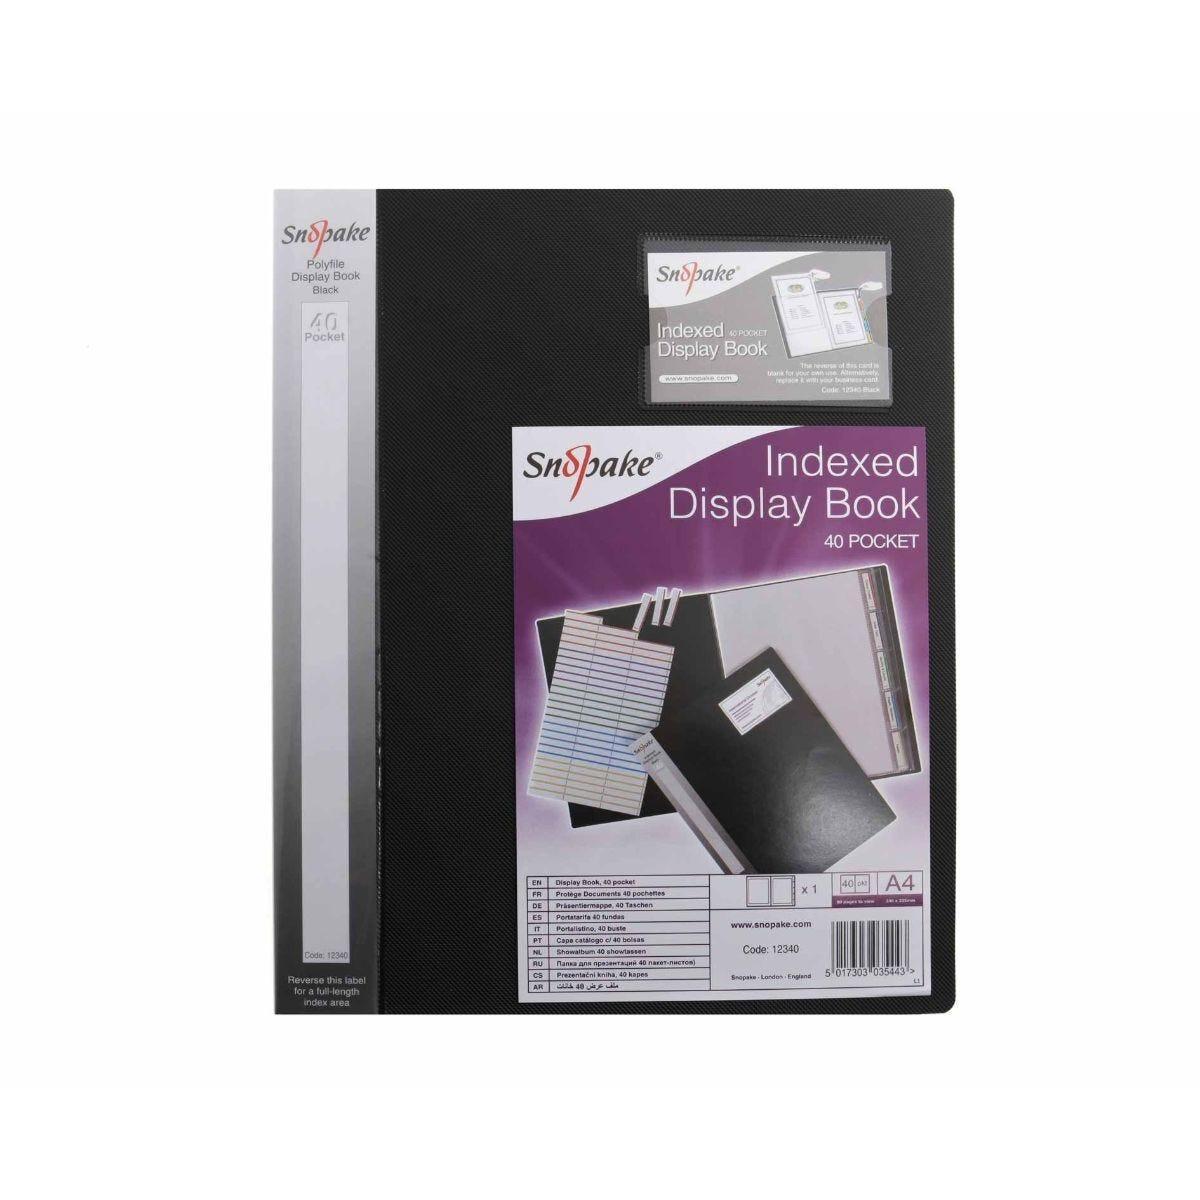 Snopake Index Display Book A4 40 Pockets